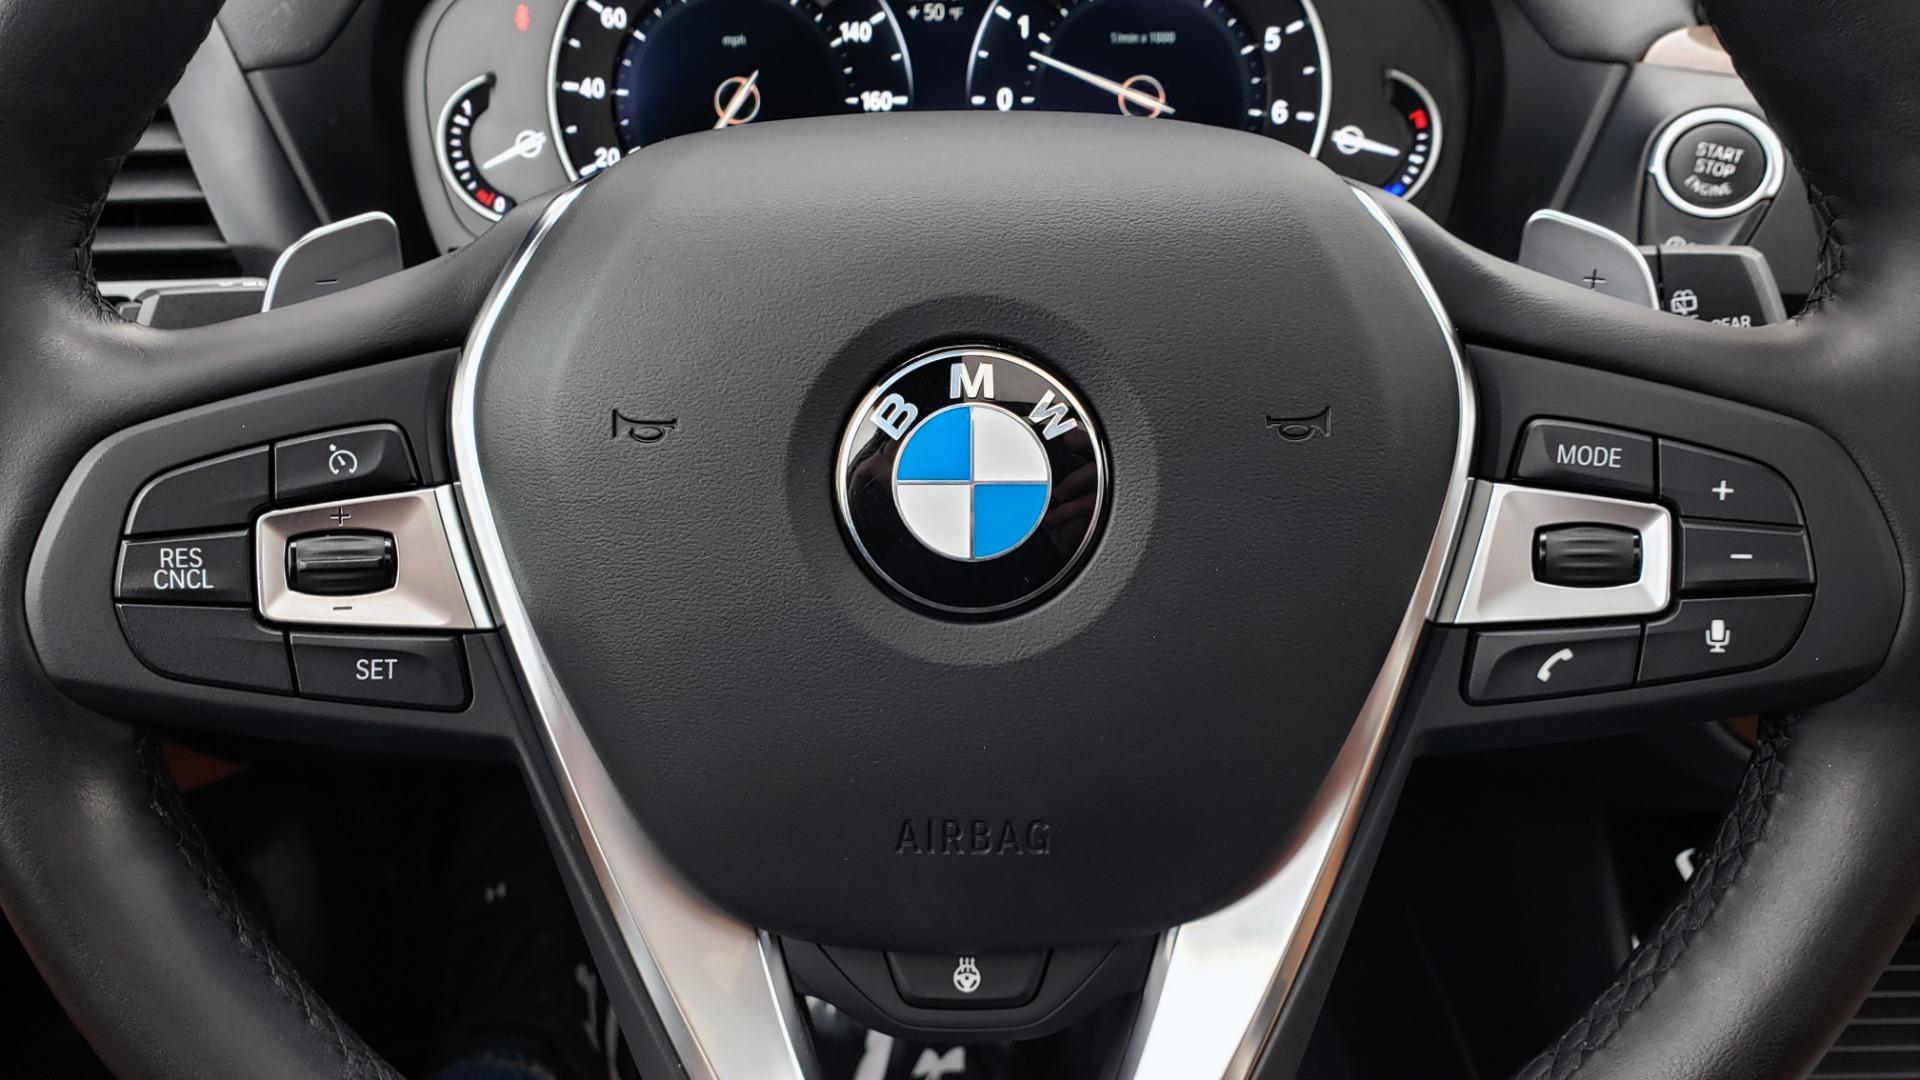 Used 2018 BMW X3 XDRIVE30I / LUX PKG / PREM PKG / CONV PKG / PDC / APPLE CARPLAY for sale Sold at Formula Imports in Charlotte NC 28227 43